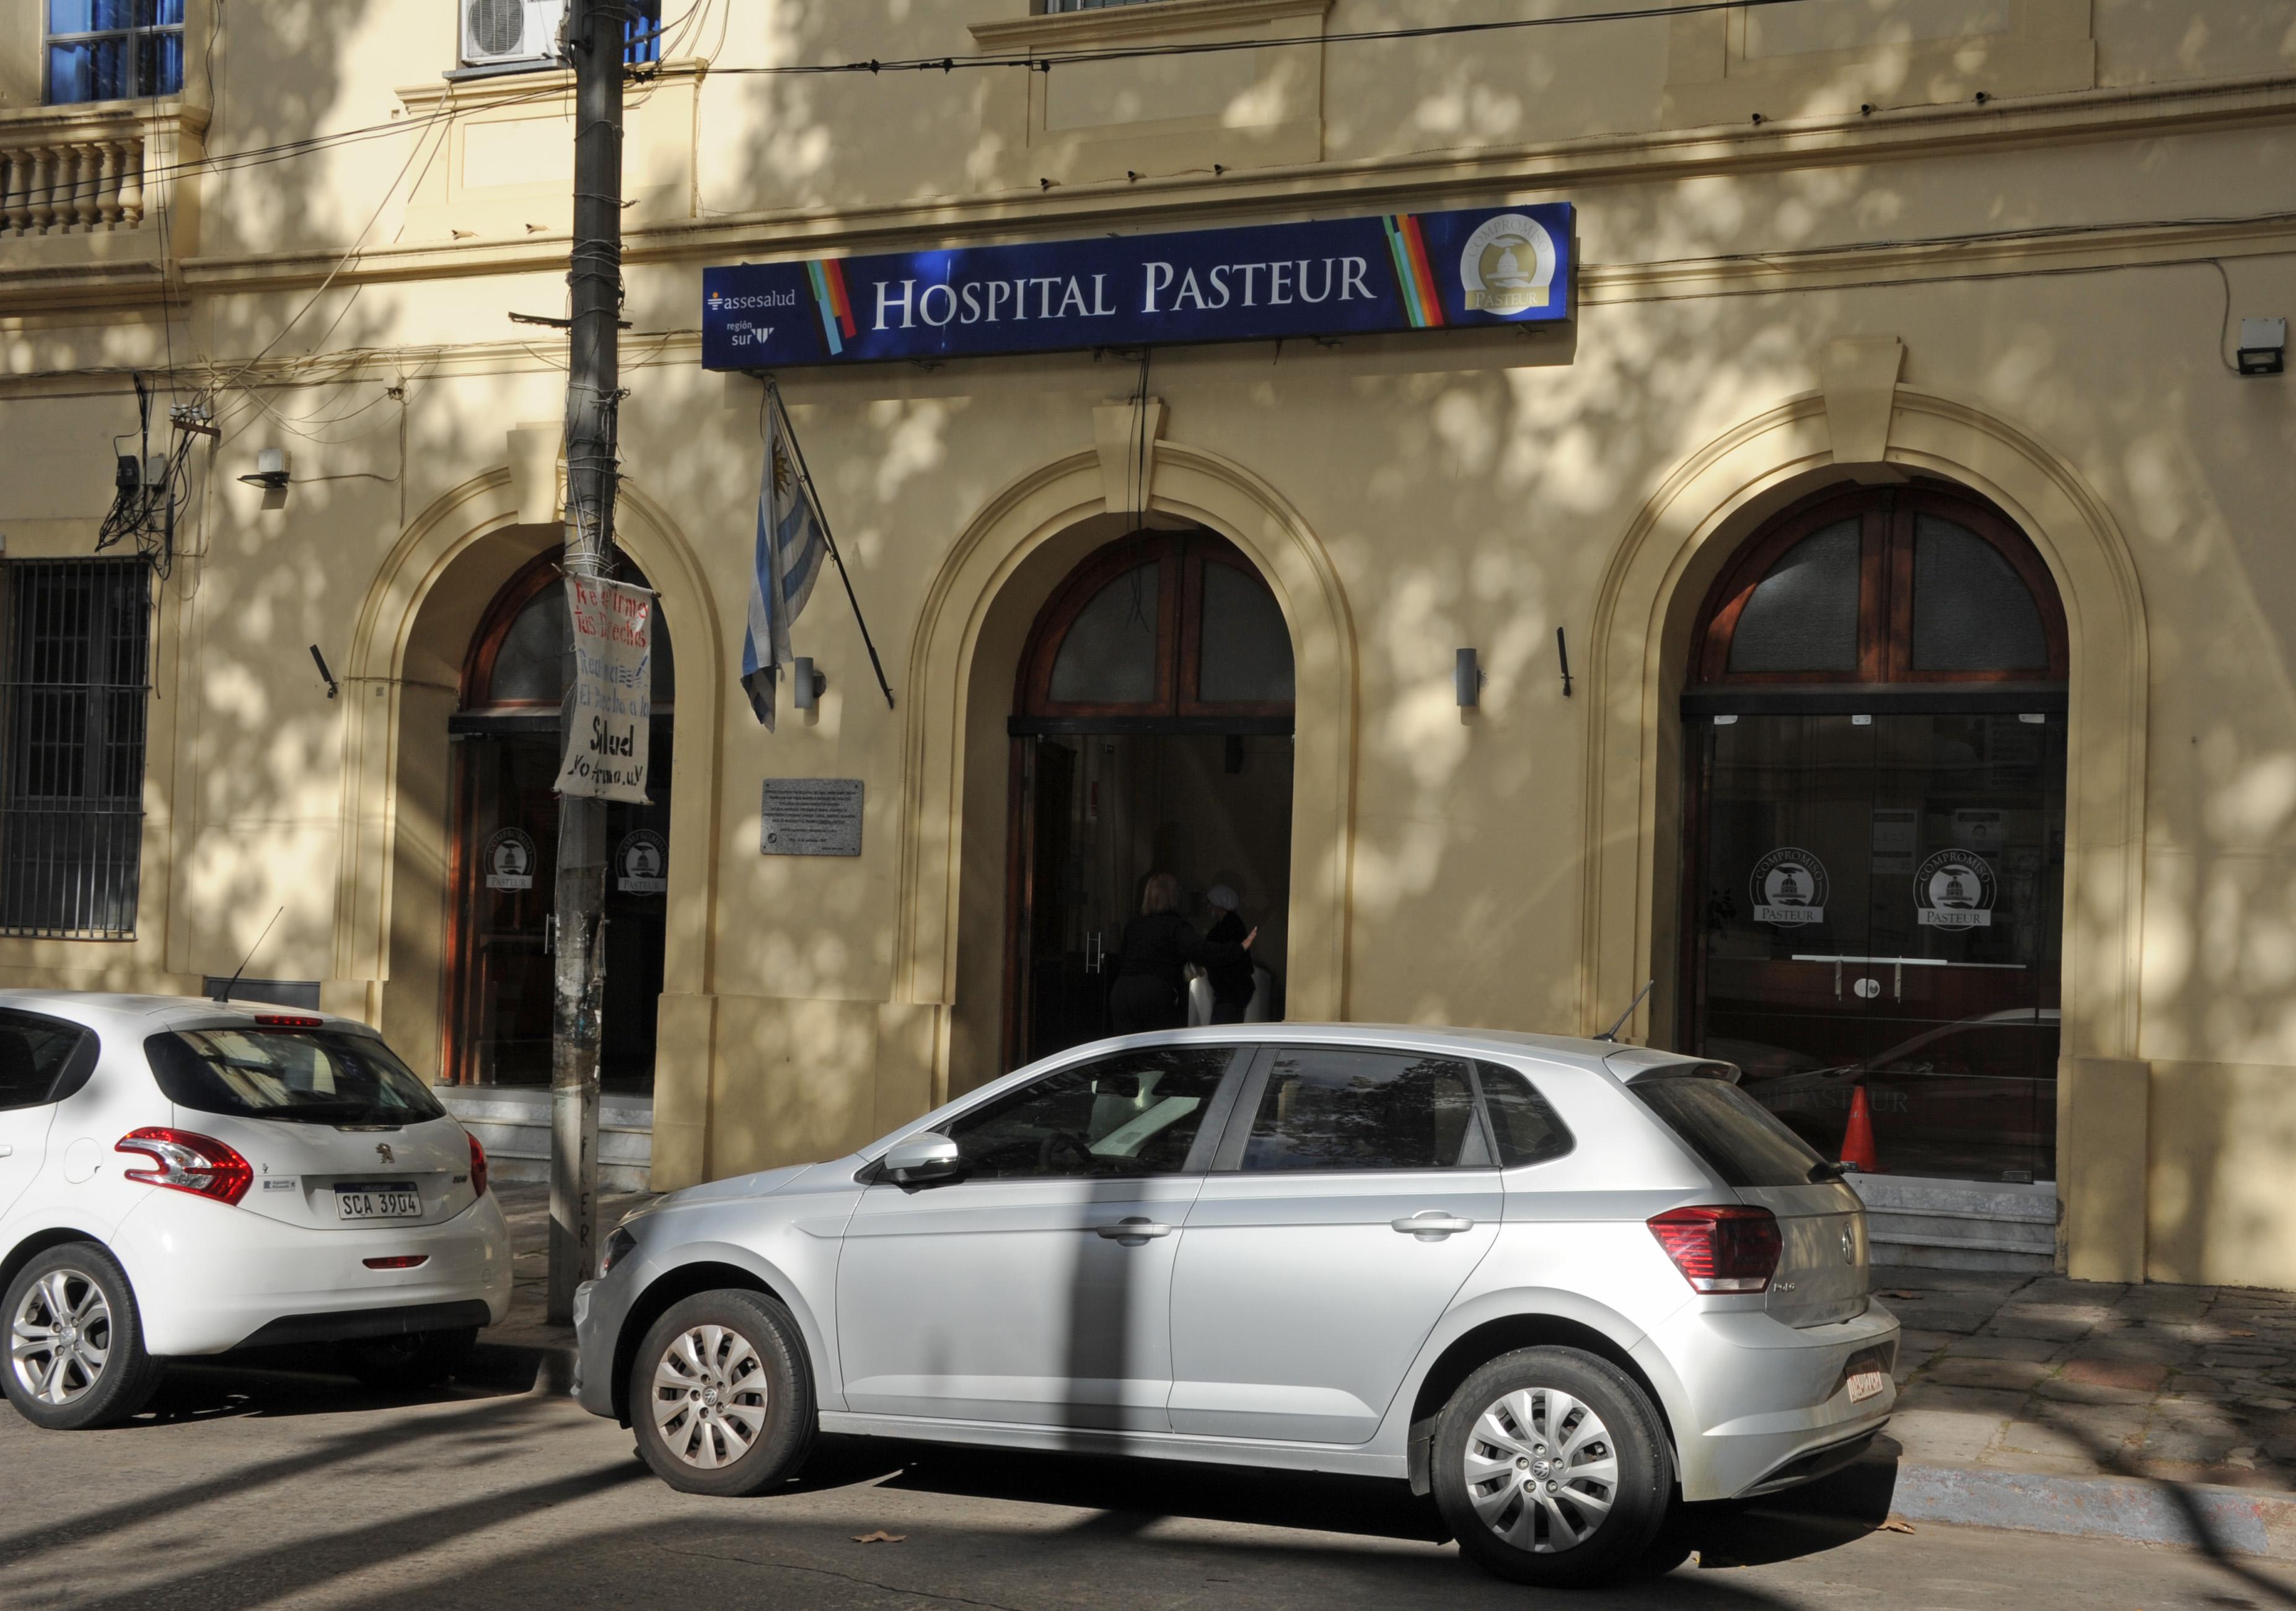 Hospital Pasteur